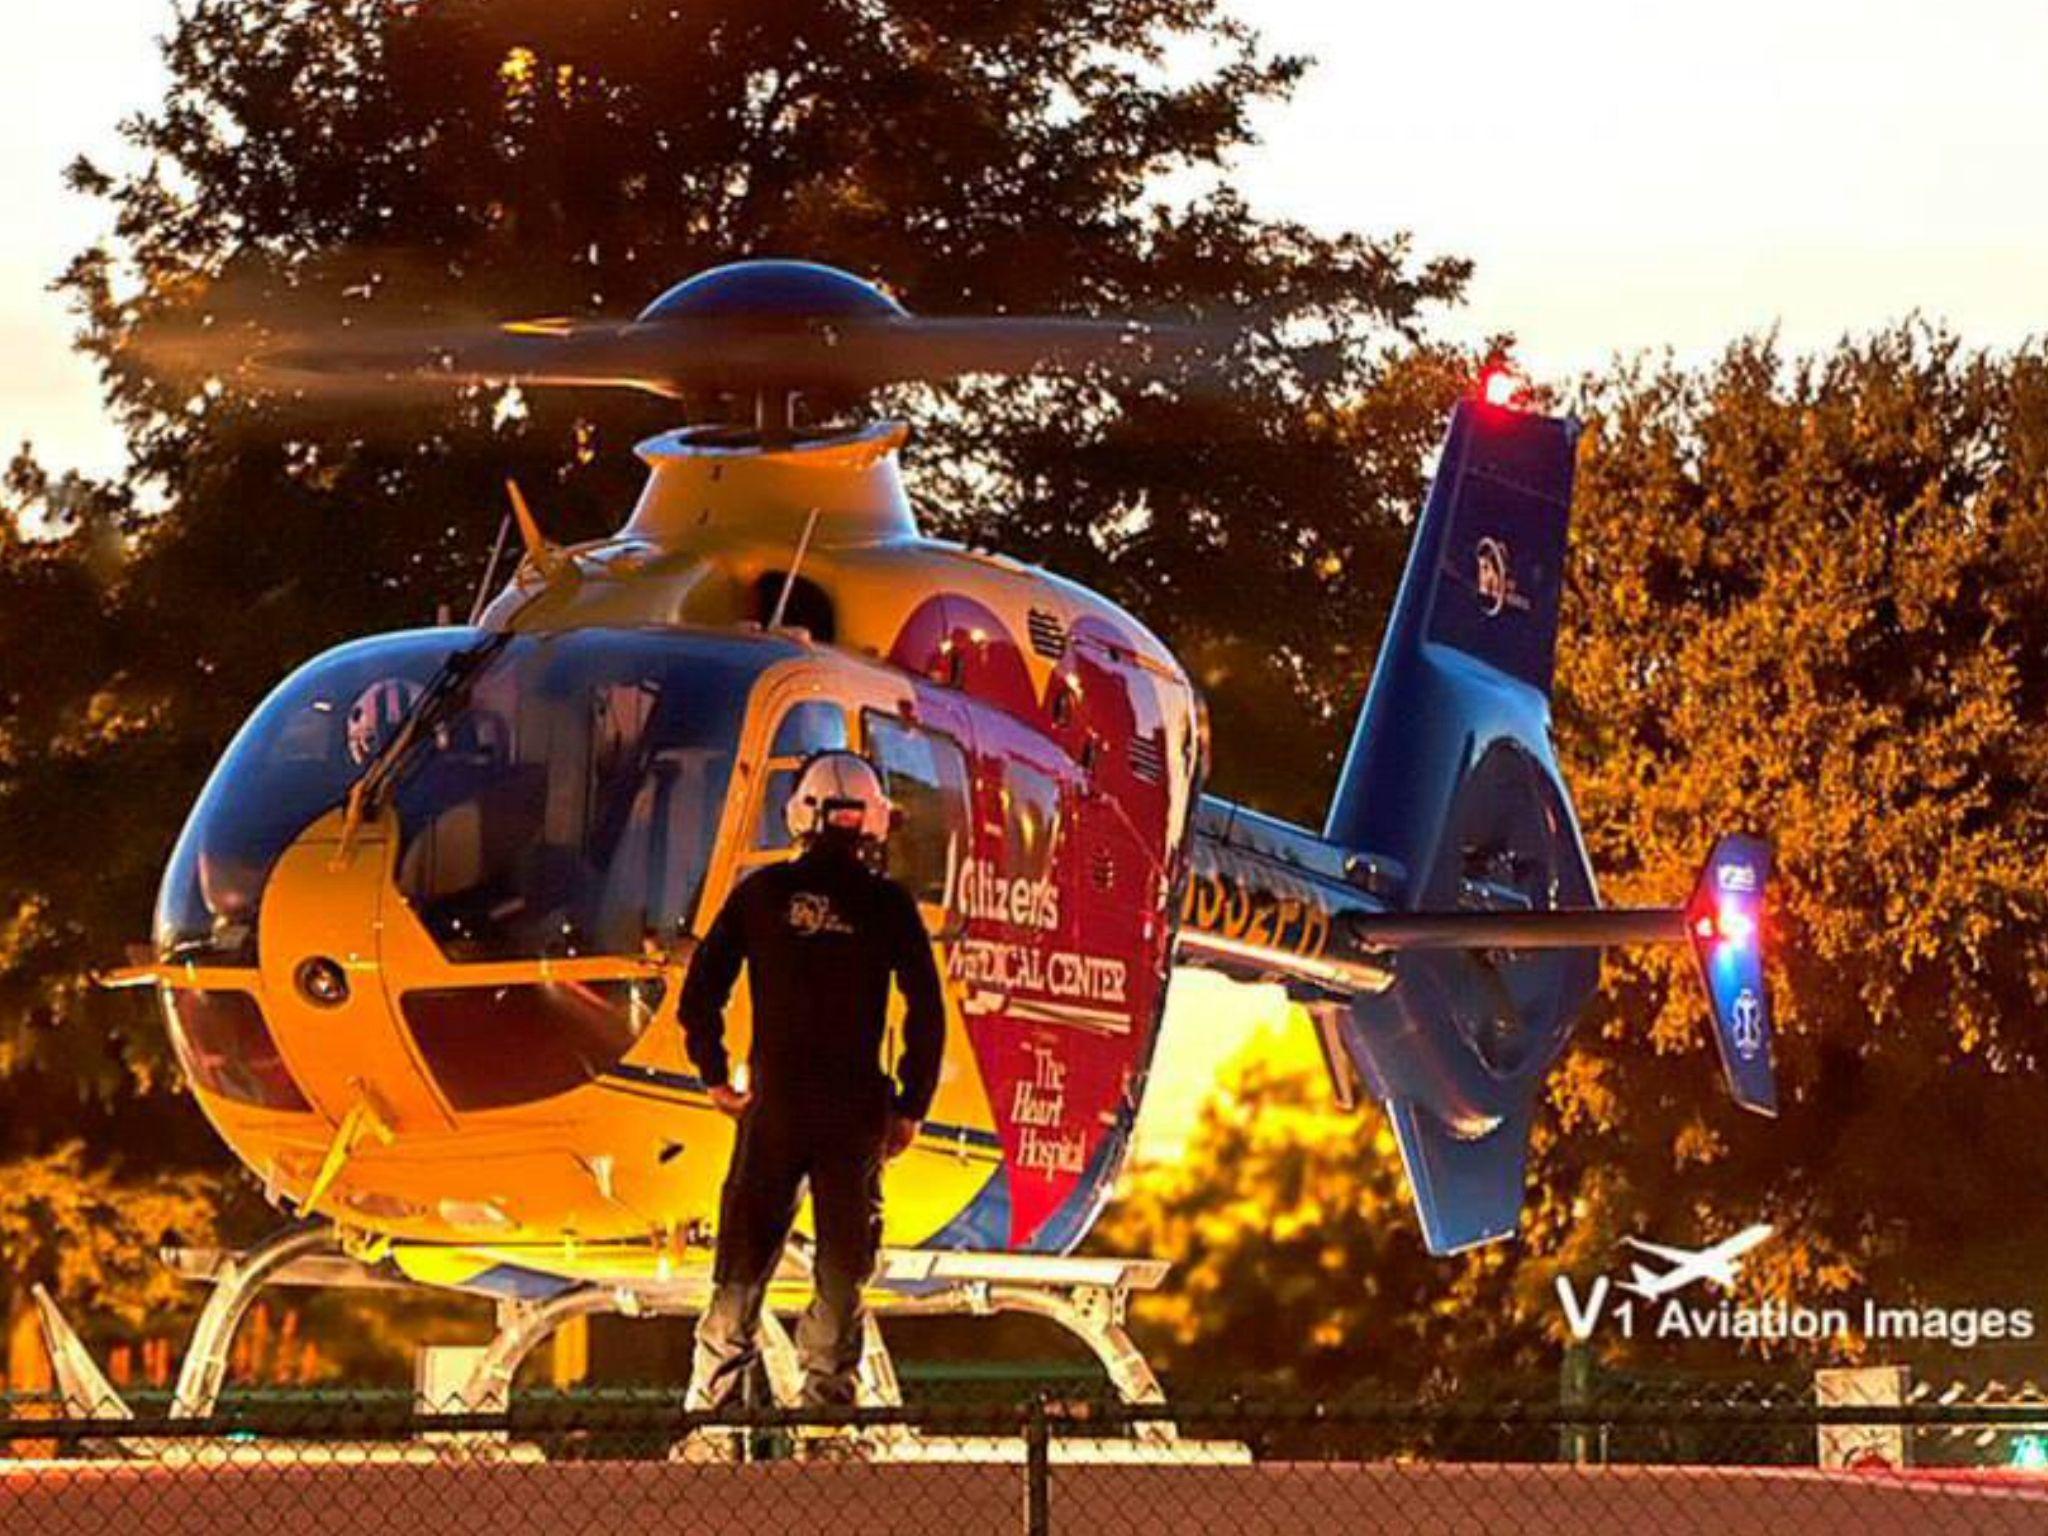 PHI Air Med 3 Victoria , Texas Aviation image, Flight